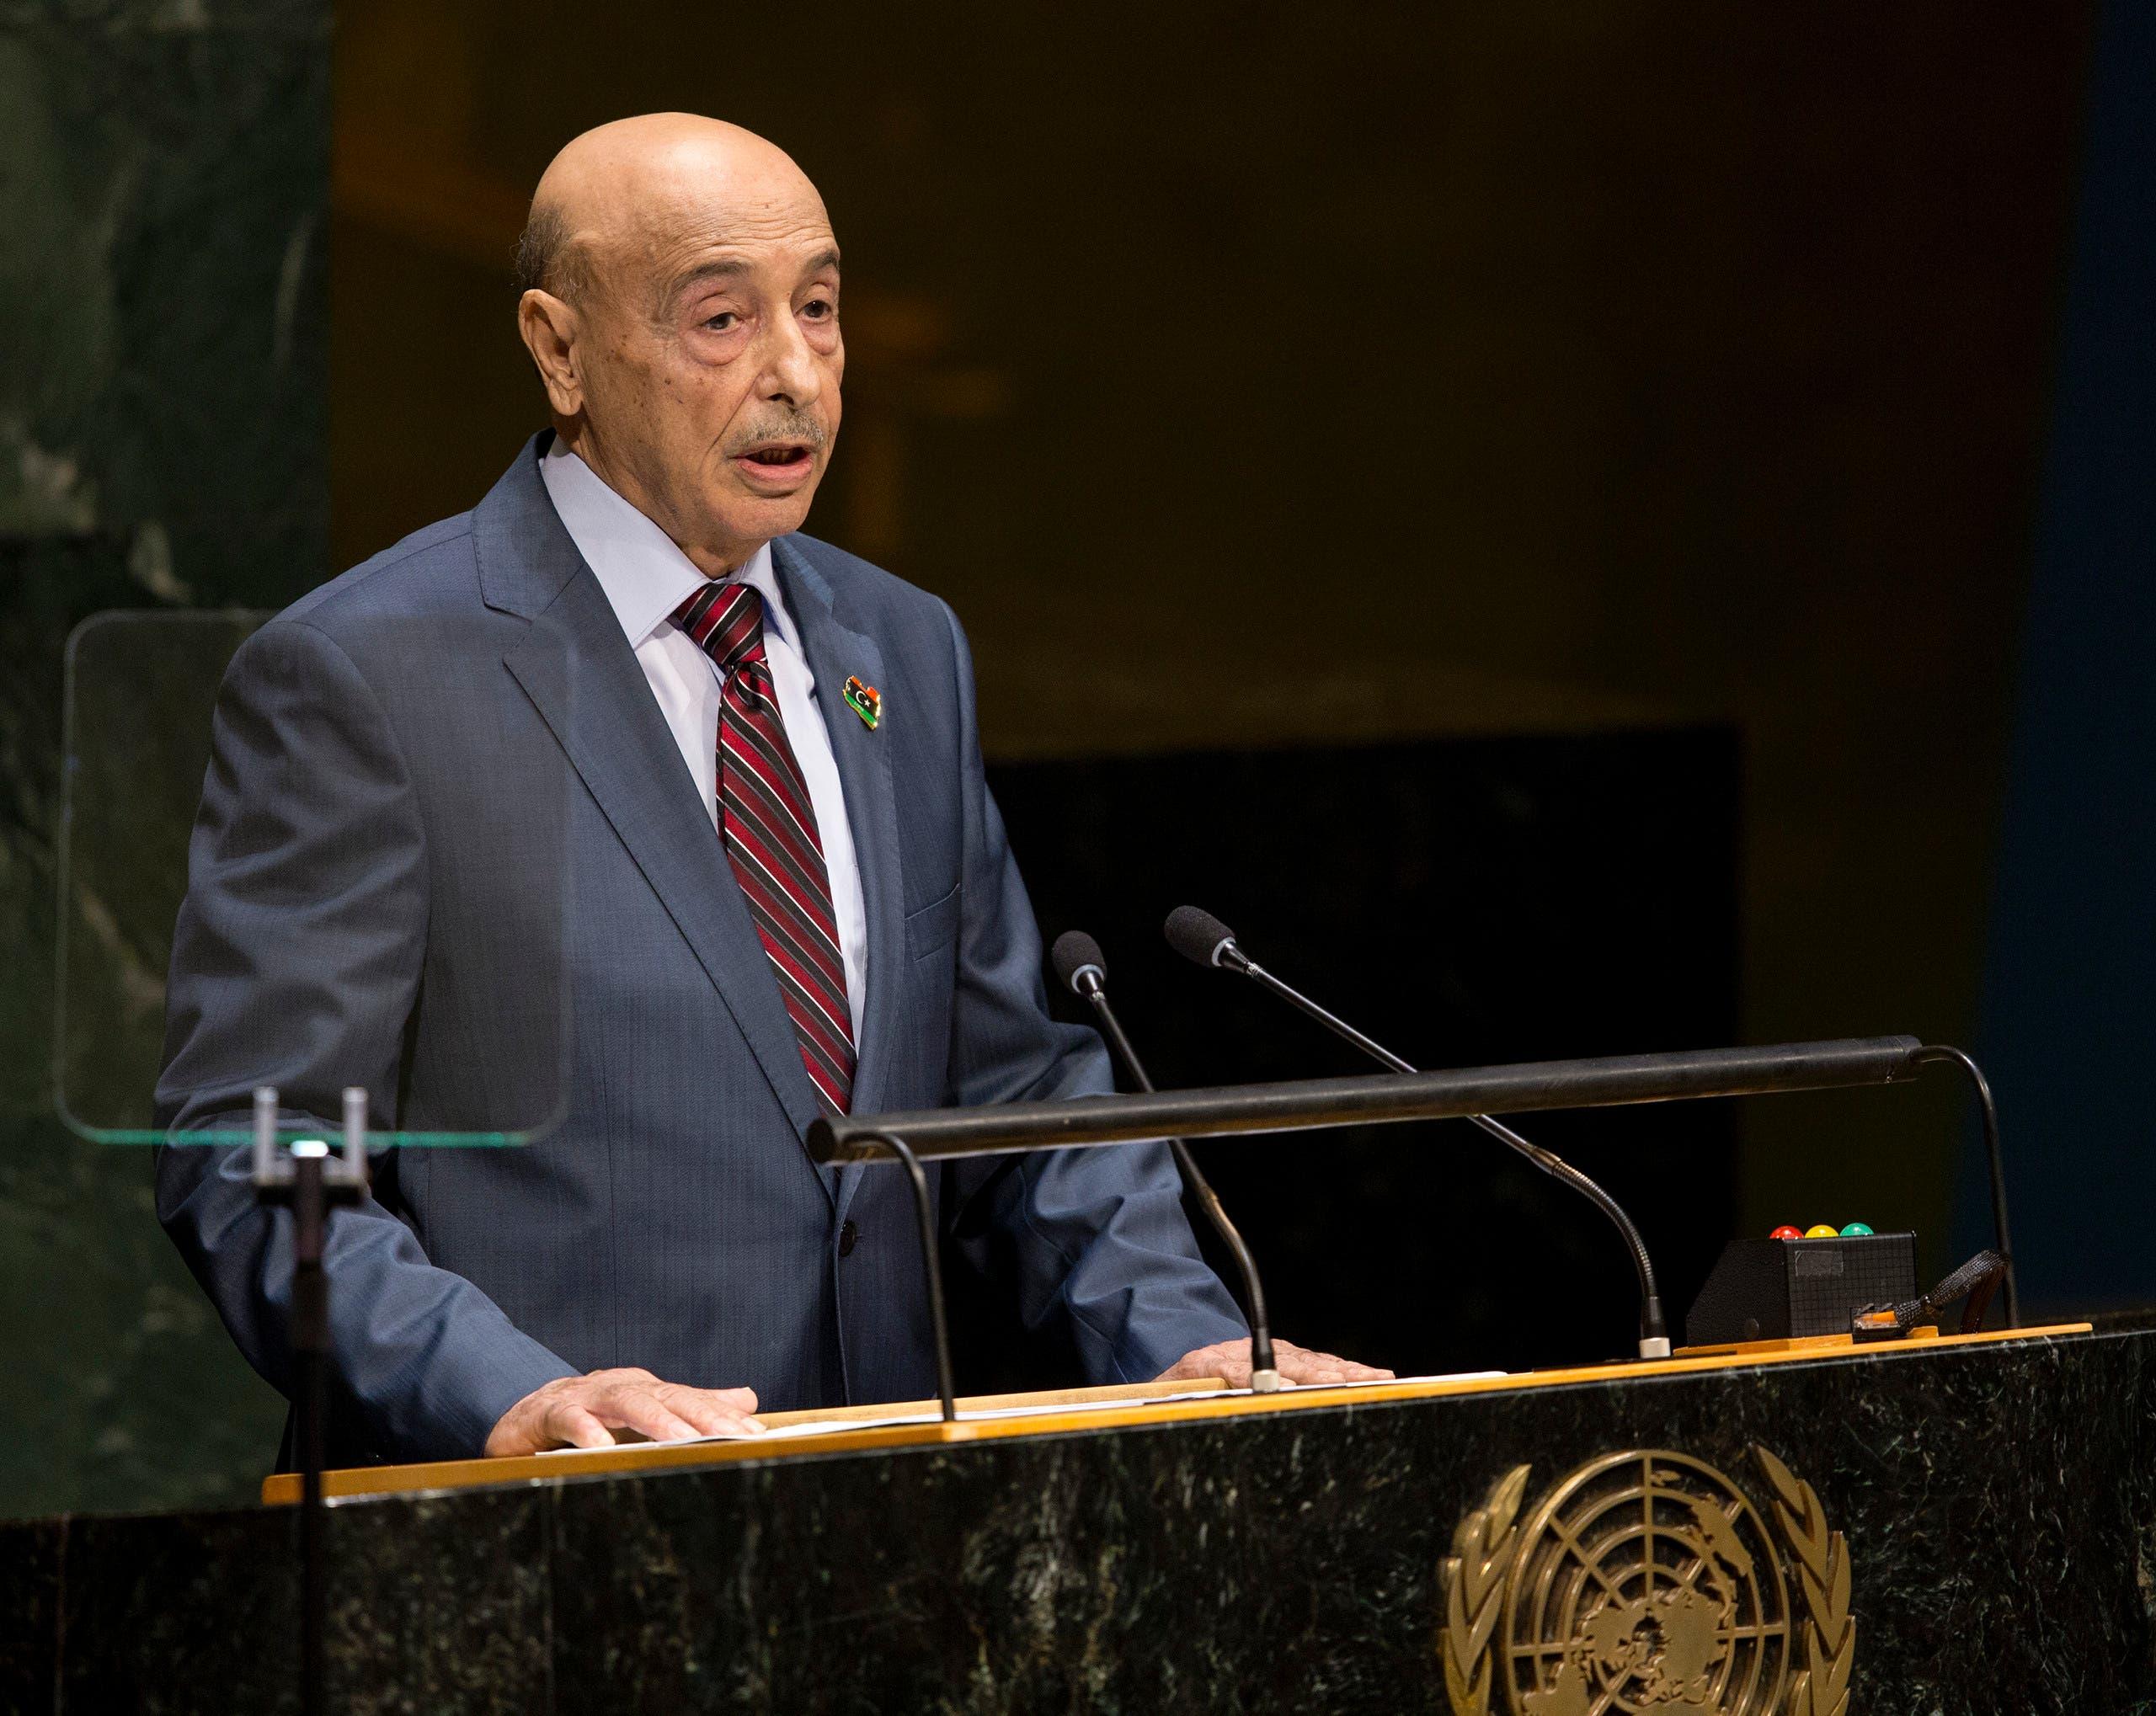 رئيس البرلمان الليبي عقيلة صالح (أرشيفية- أسوشييتد برس)